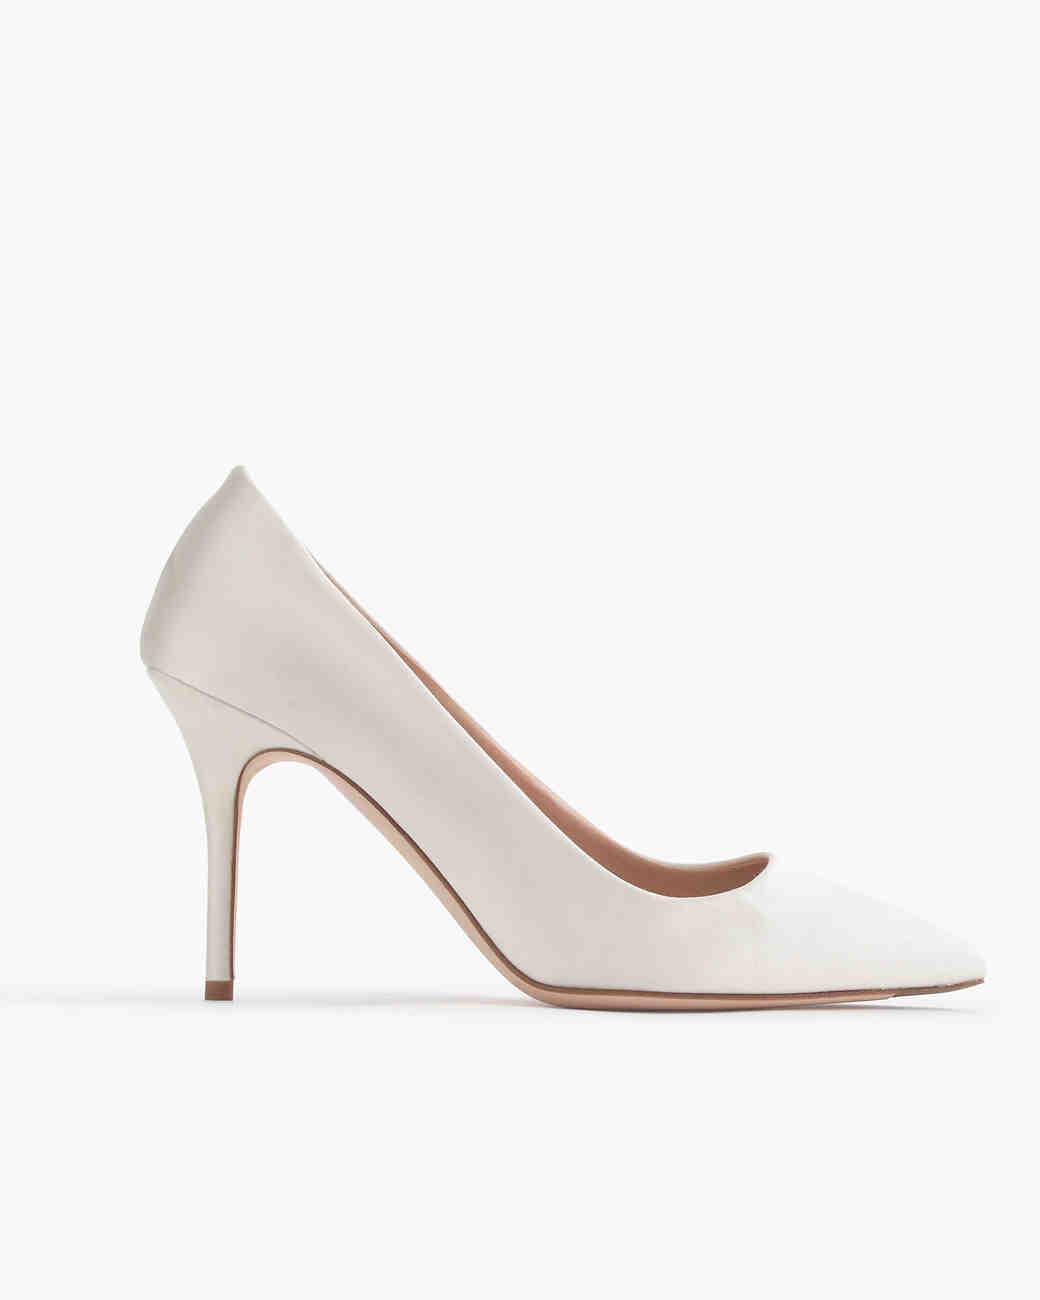 closed-toe-wedding-shoes-elsie-jcrew-1215.jpg